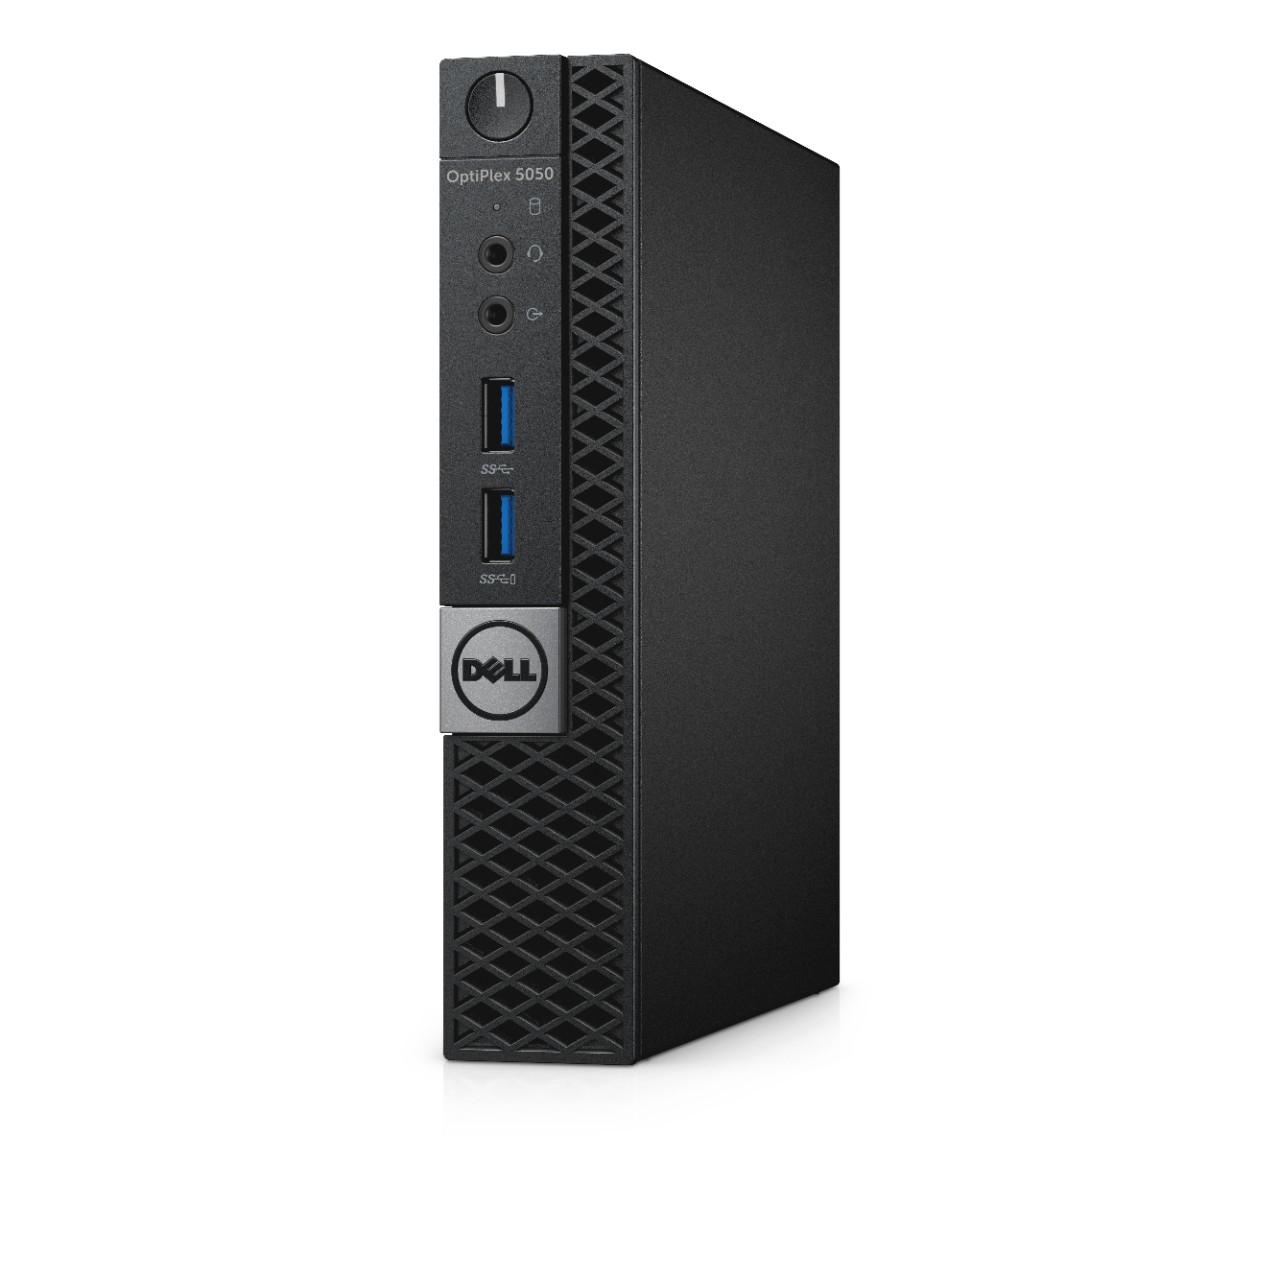 DELL OptiPlex 5050m 2.70GHz i5-7500T PC di dimensione 1,2L Nero Mini PC